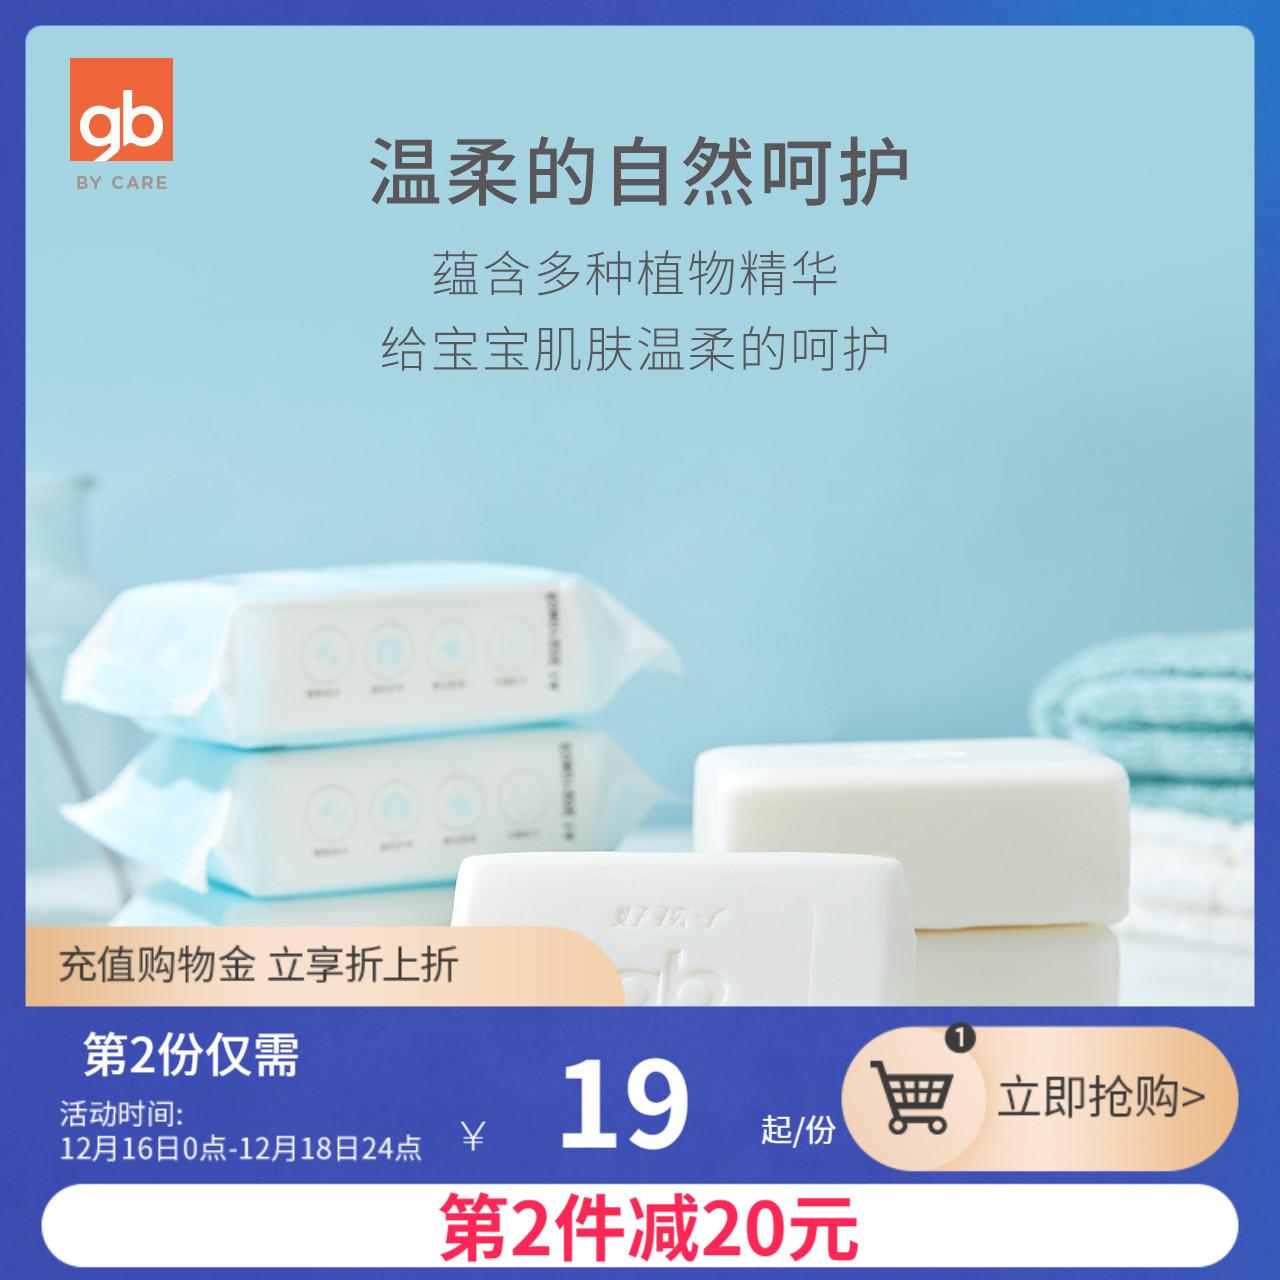 gb好孩子婴儿洗衣皂宝宝亲肤洗衣皂芦荟儿童肥皂尿布皂170g*6